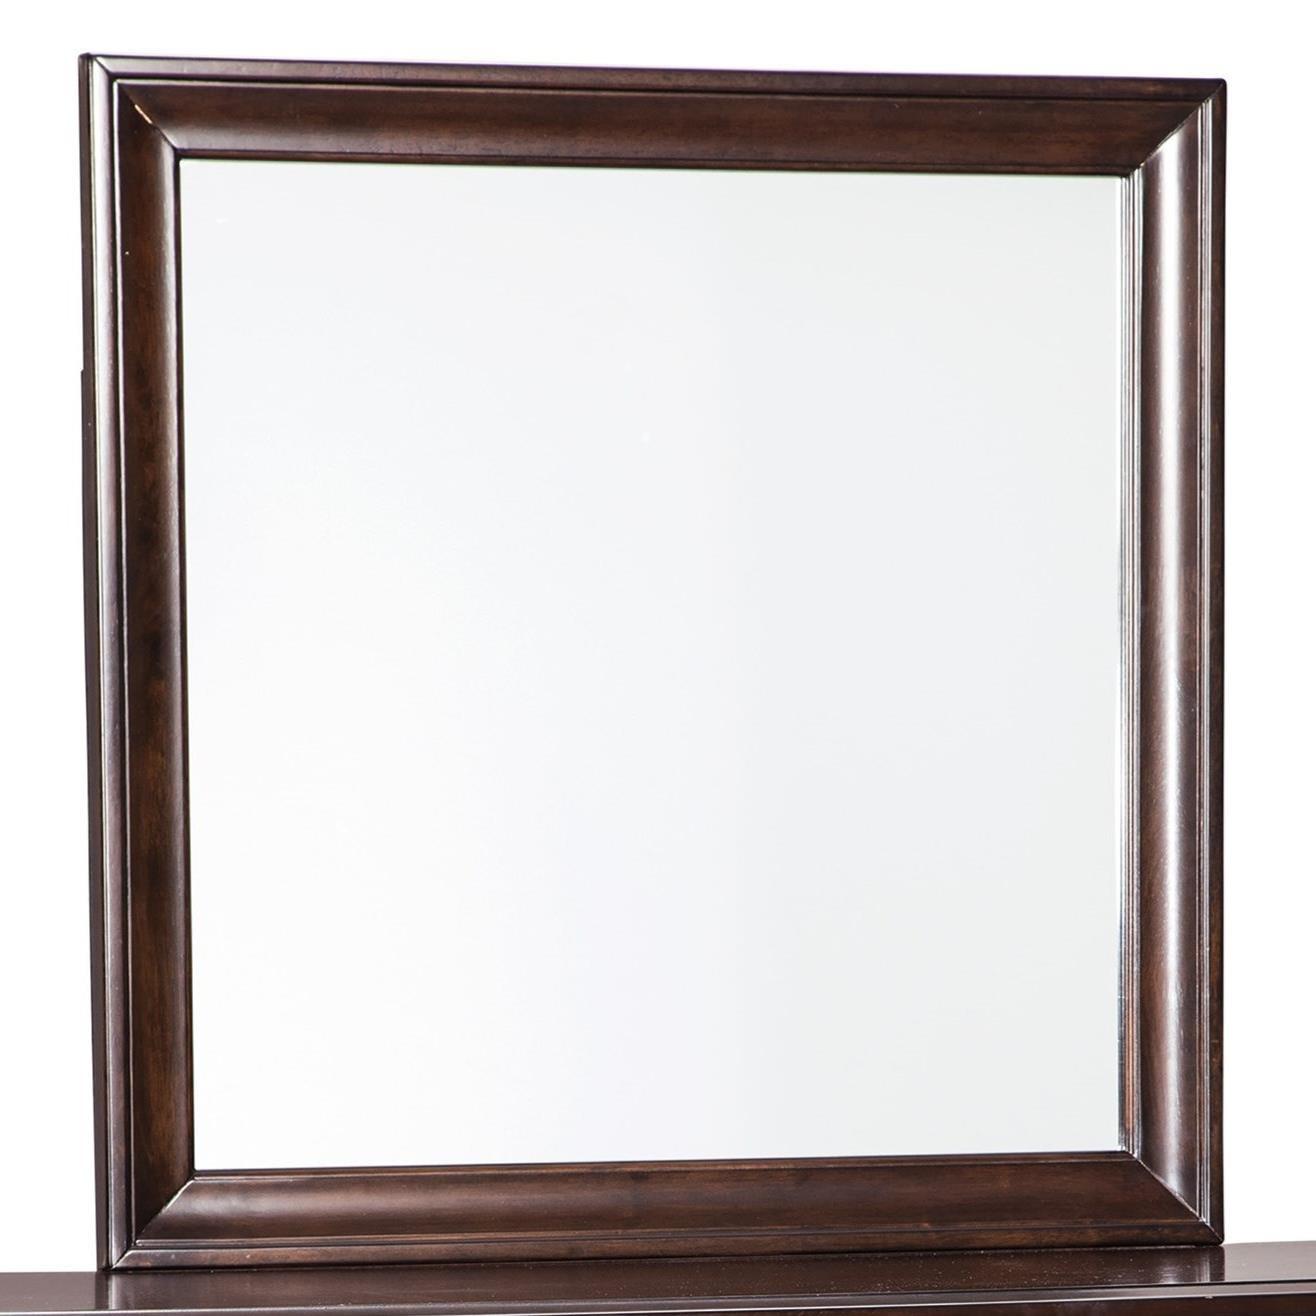 Signature Design by Ashley Evanburg Bedroom Mirror - Item Number: B598-36